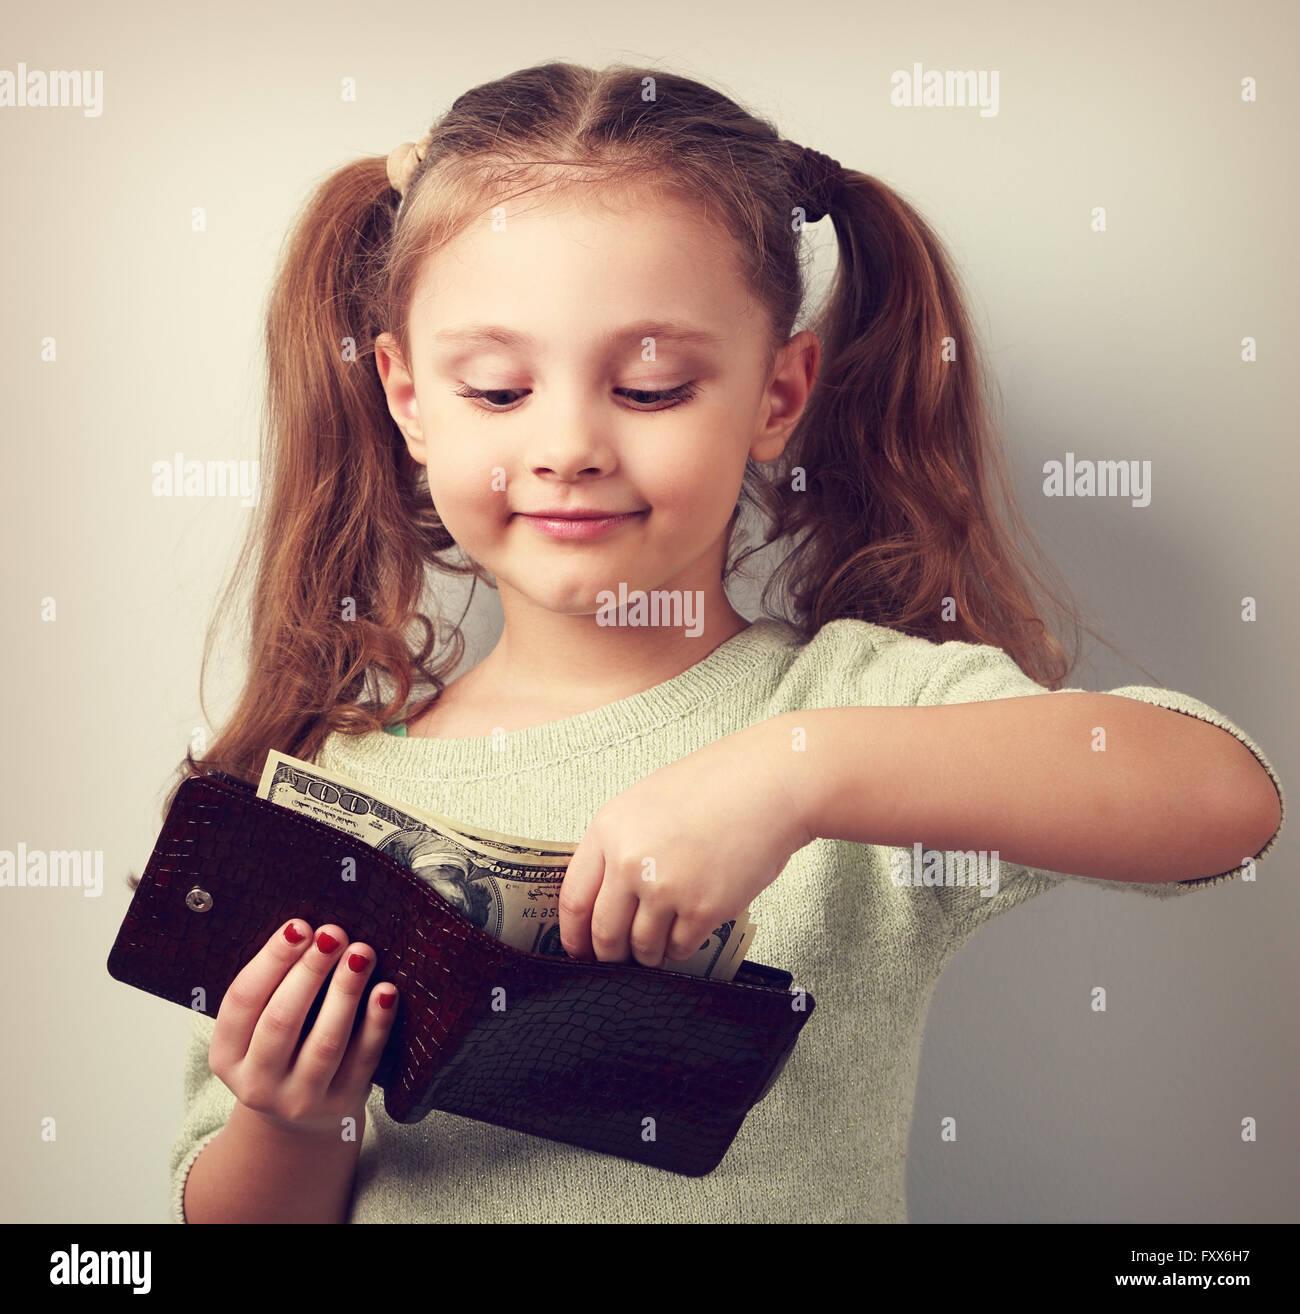 Lindo pequeño chico chica teniendo dólares de madre monedero y buscando feliz. Tonificado closeup retrato Imagen De Stock